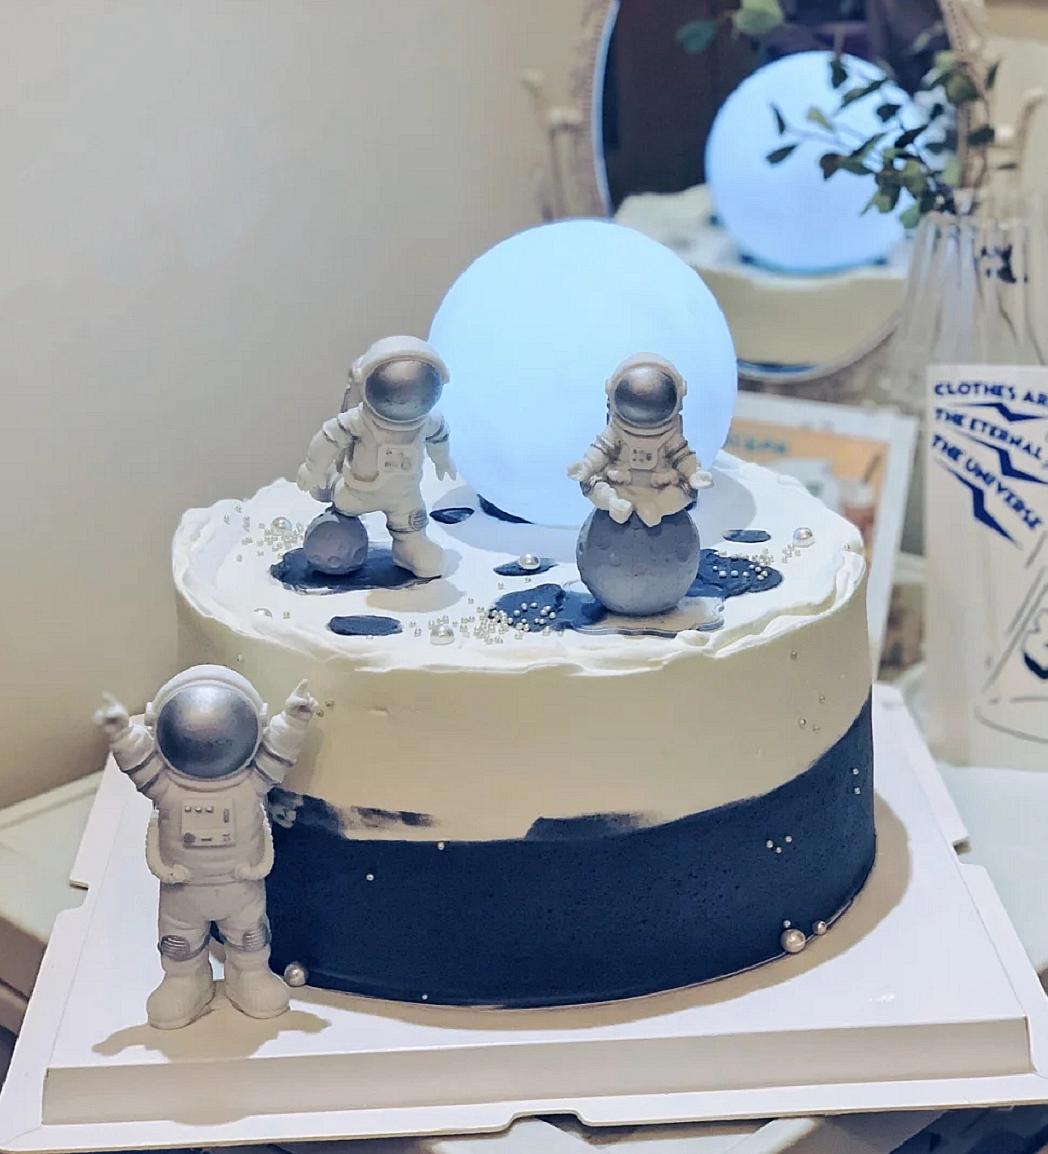 卡通生日蛋糕装饰摆件软陶月亮宇航员宇宙飞船星球火箭装饰插牌